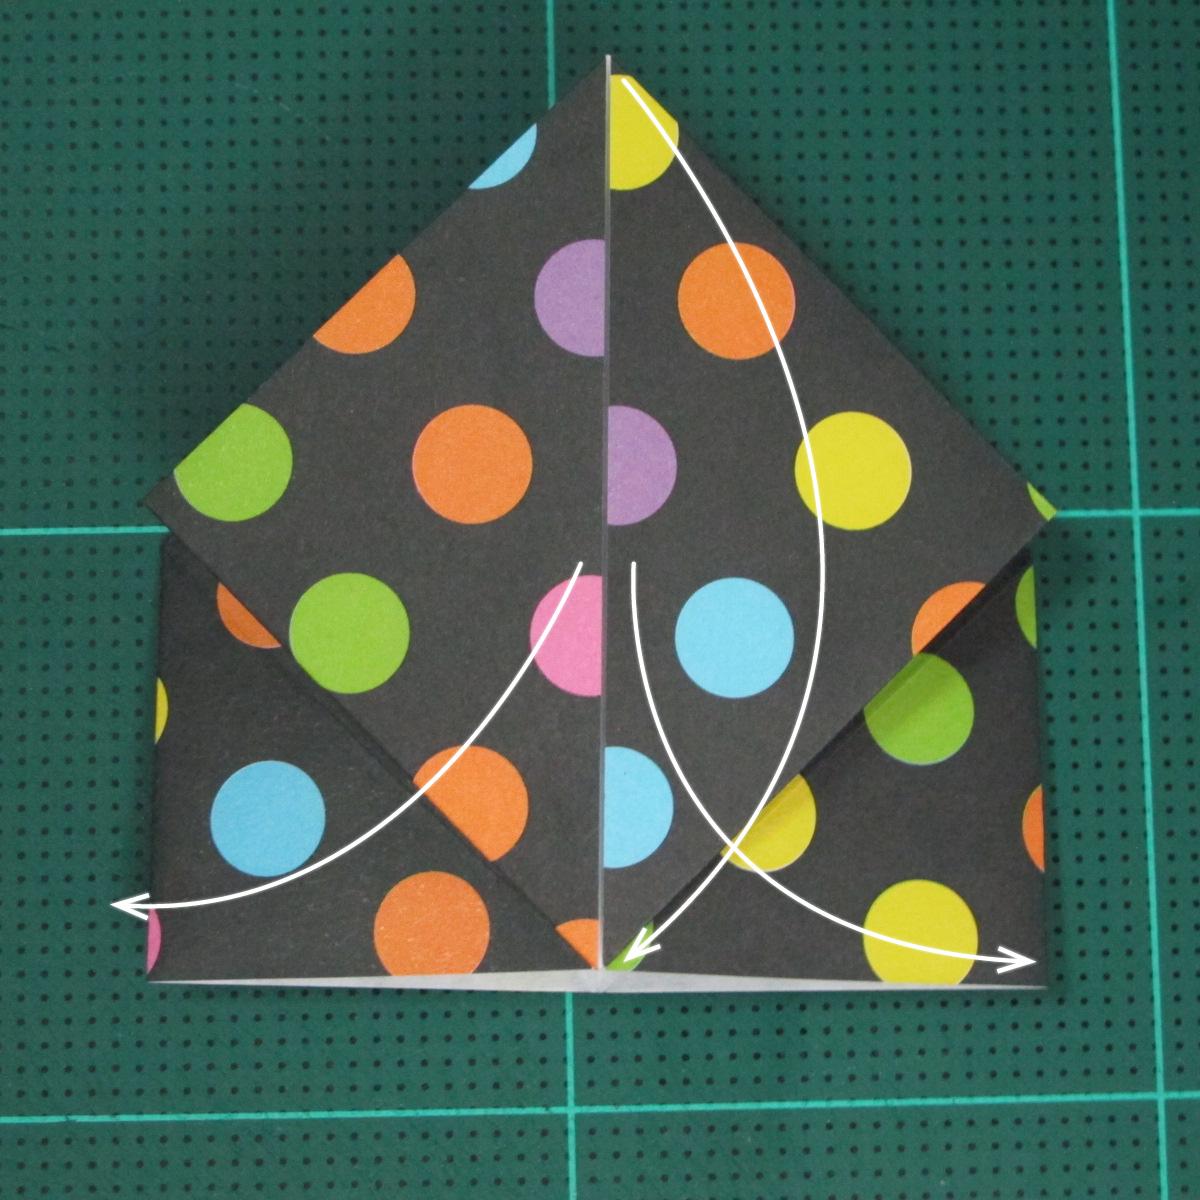 การพับกระดาษเป็นถุงใส่ขนมแบบญี่ปุ่น (Origami Sambo) 007